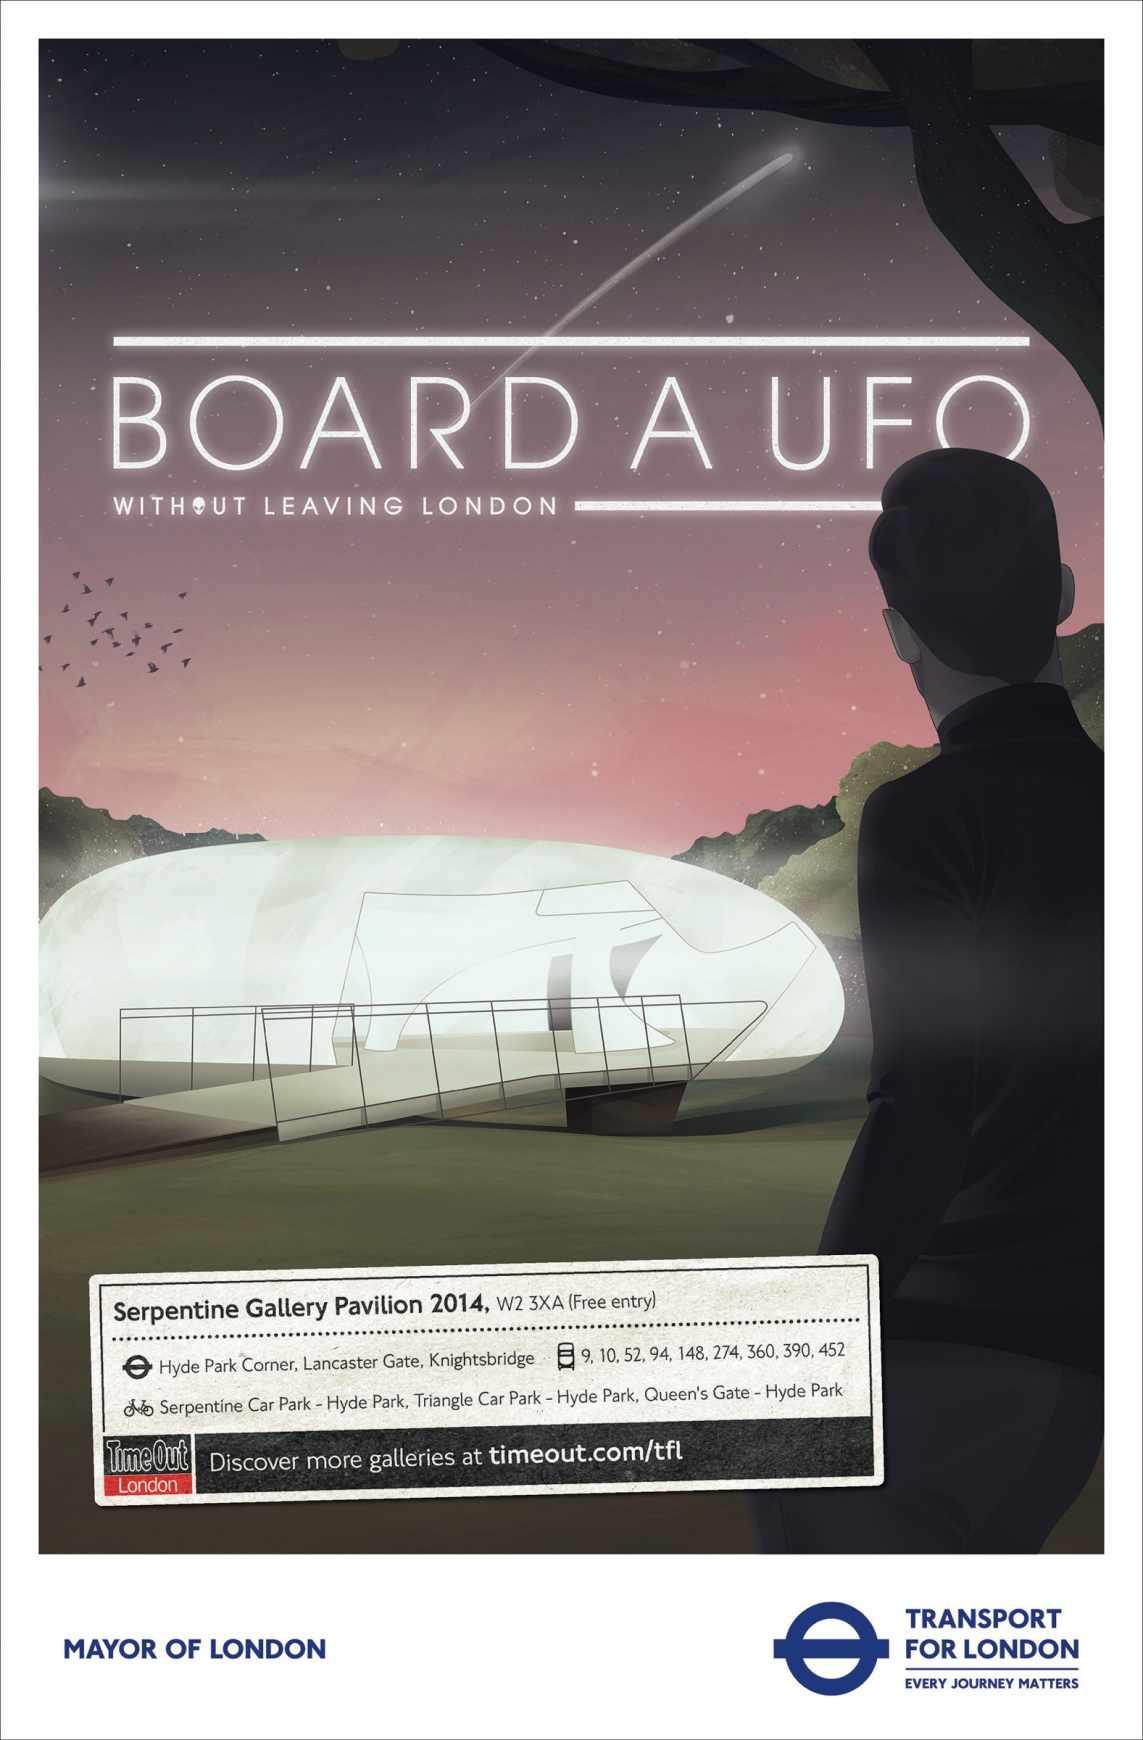 board_a_ufo_aotw